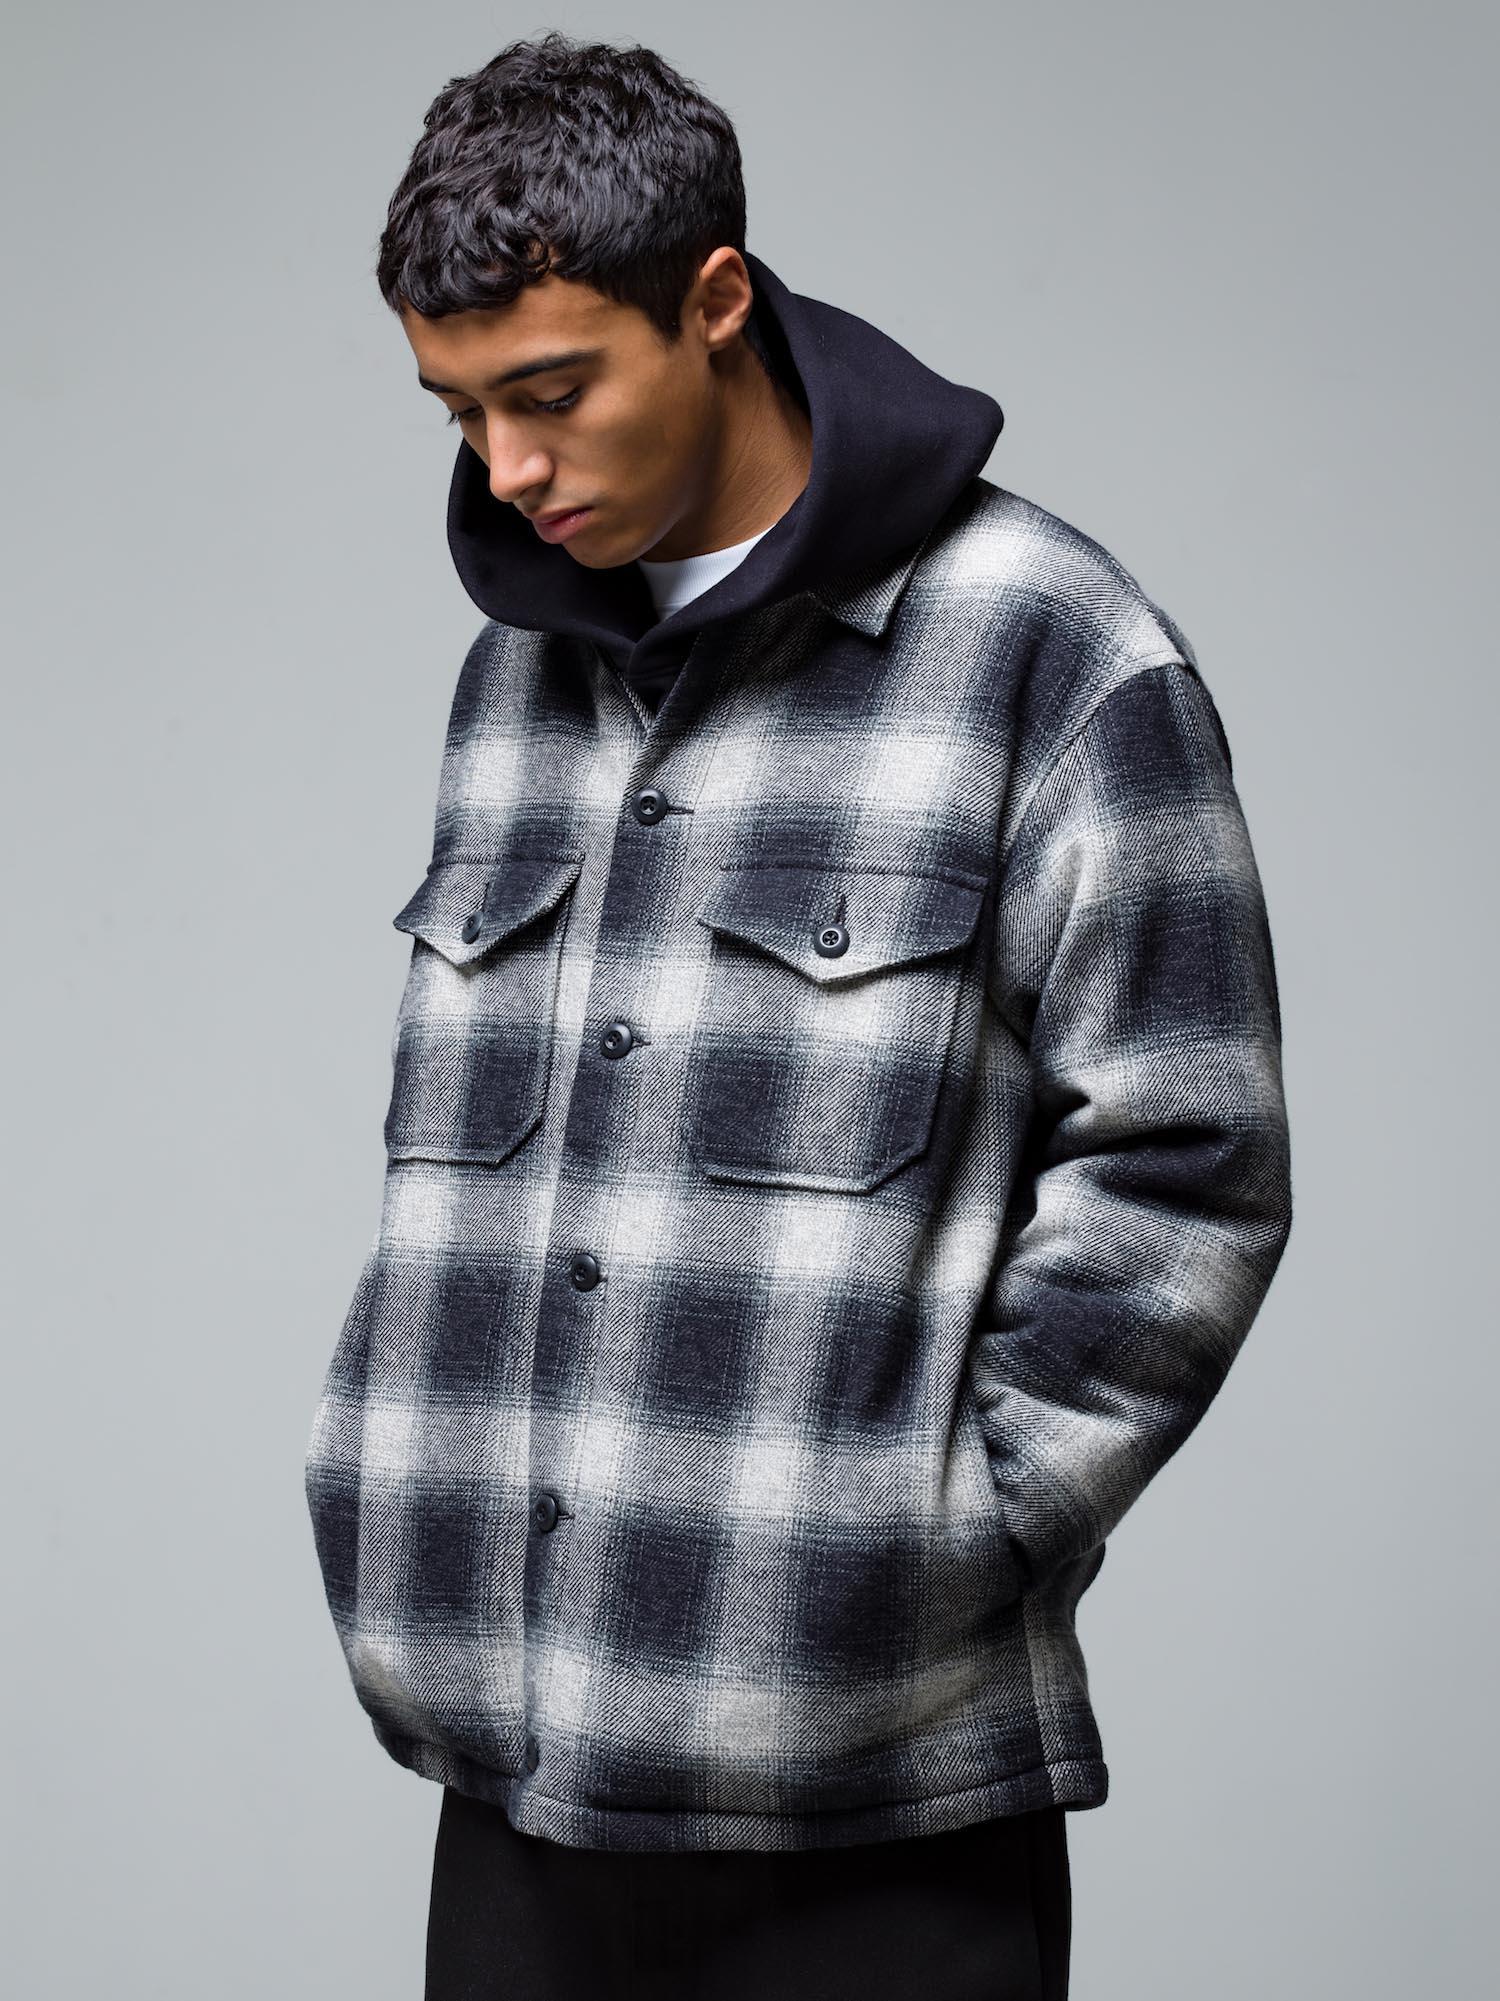 16) Jacket ¥39,600  Hoodie ¥29,700  Inner ¥8,800  Pants ¥22,000